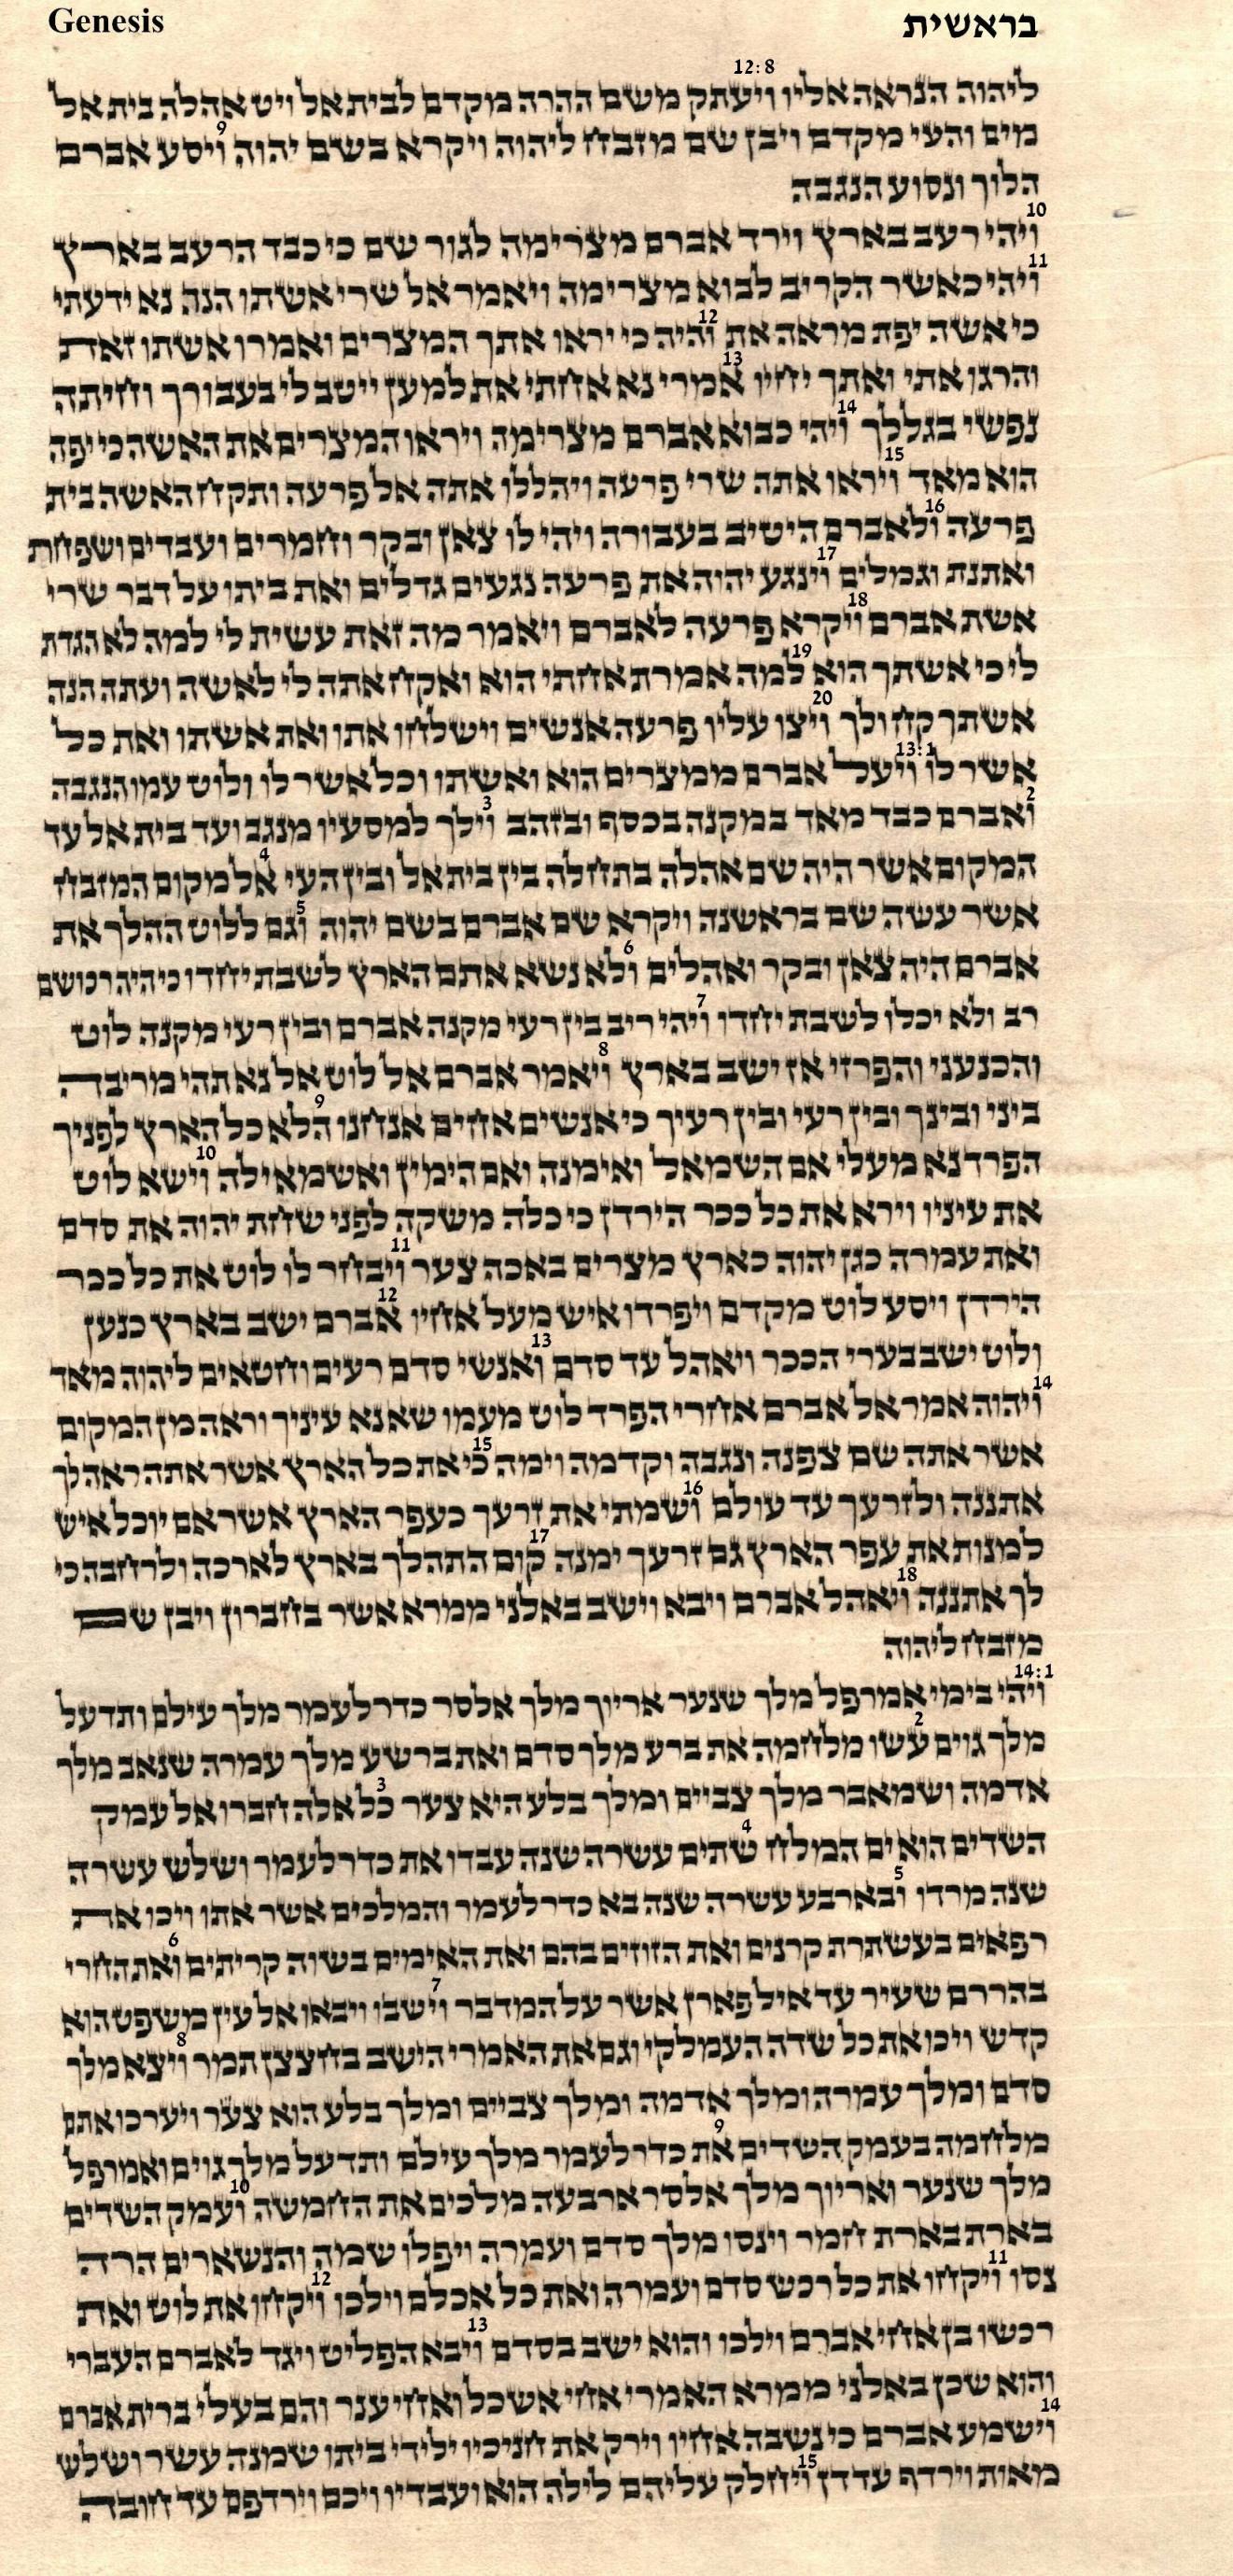 Genesis 12.8 - 14.15